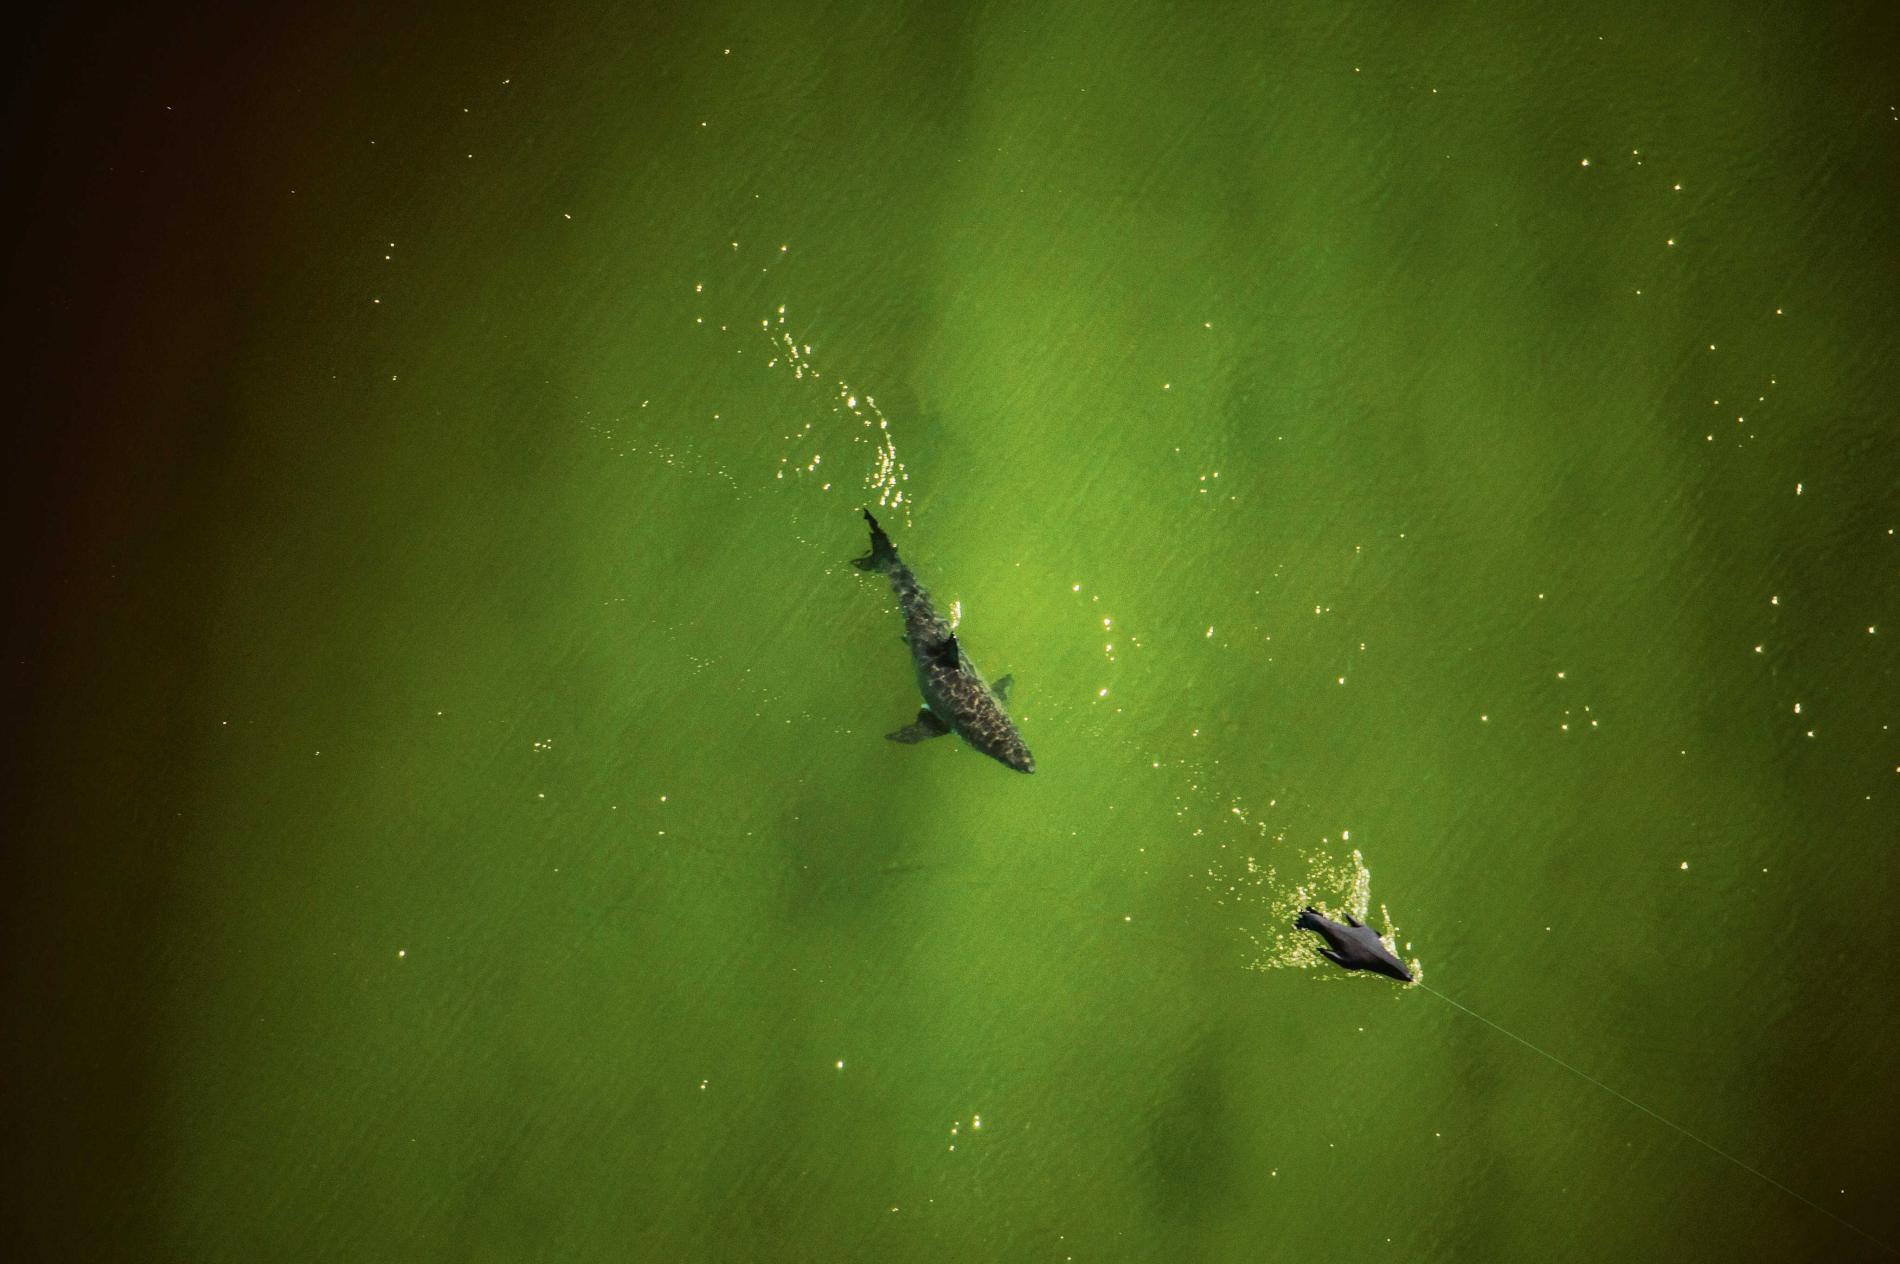 Con cá rất đẹp đột ngột mất tích và cuộc săn tìm đàn cá mập trắng lớn nhất thế giới - Ảnh 6.